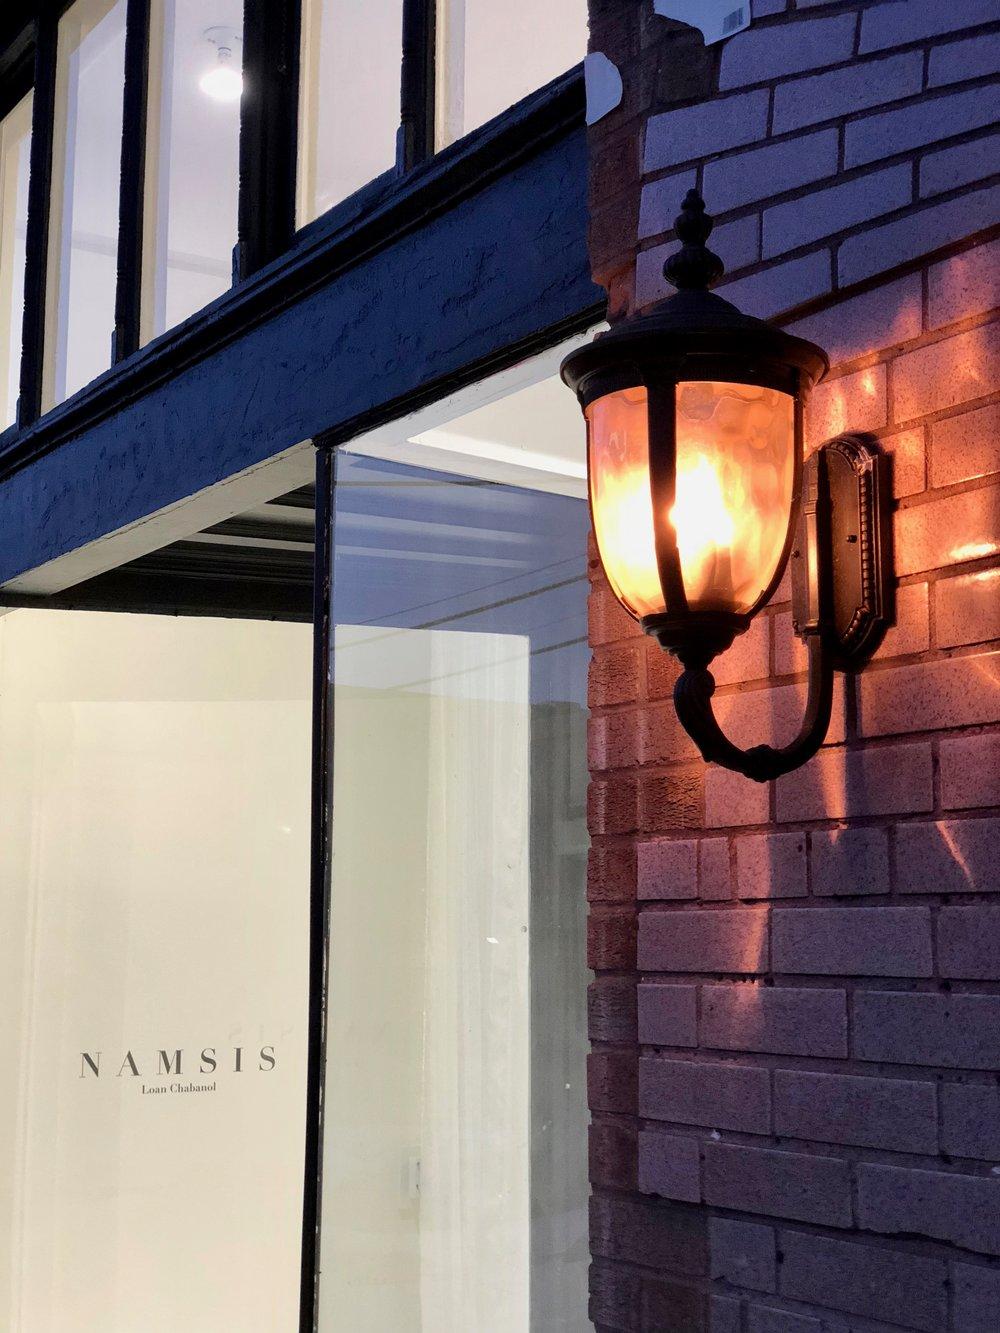 Namsis on SHOW